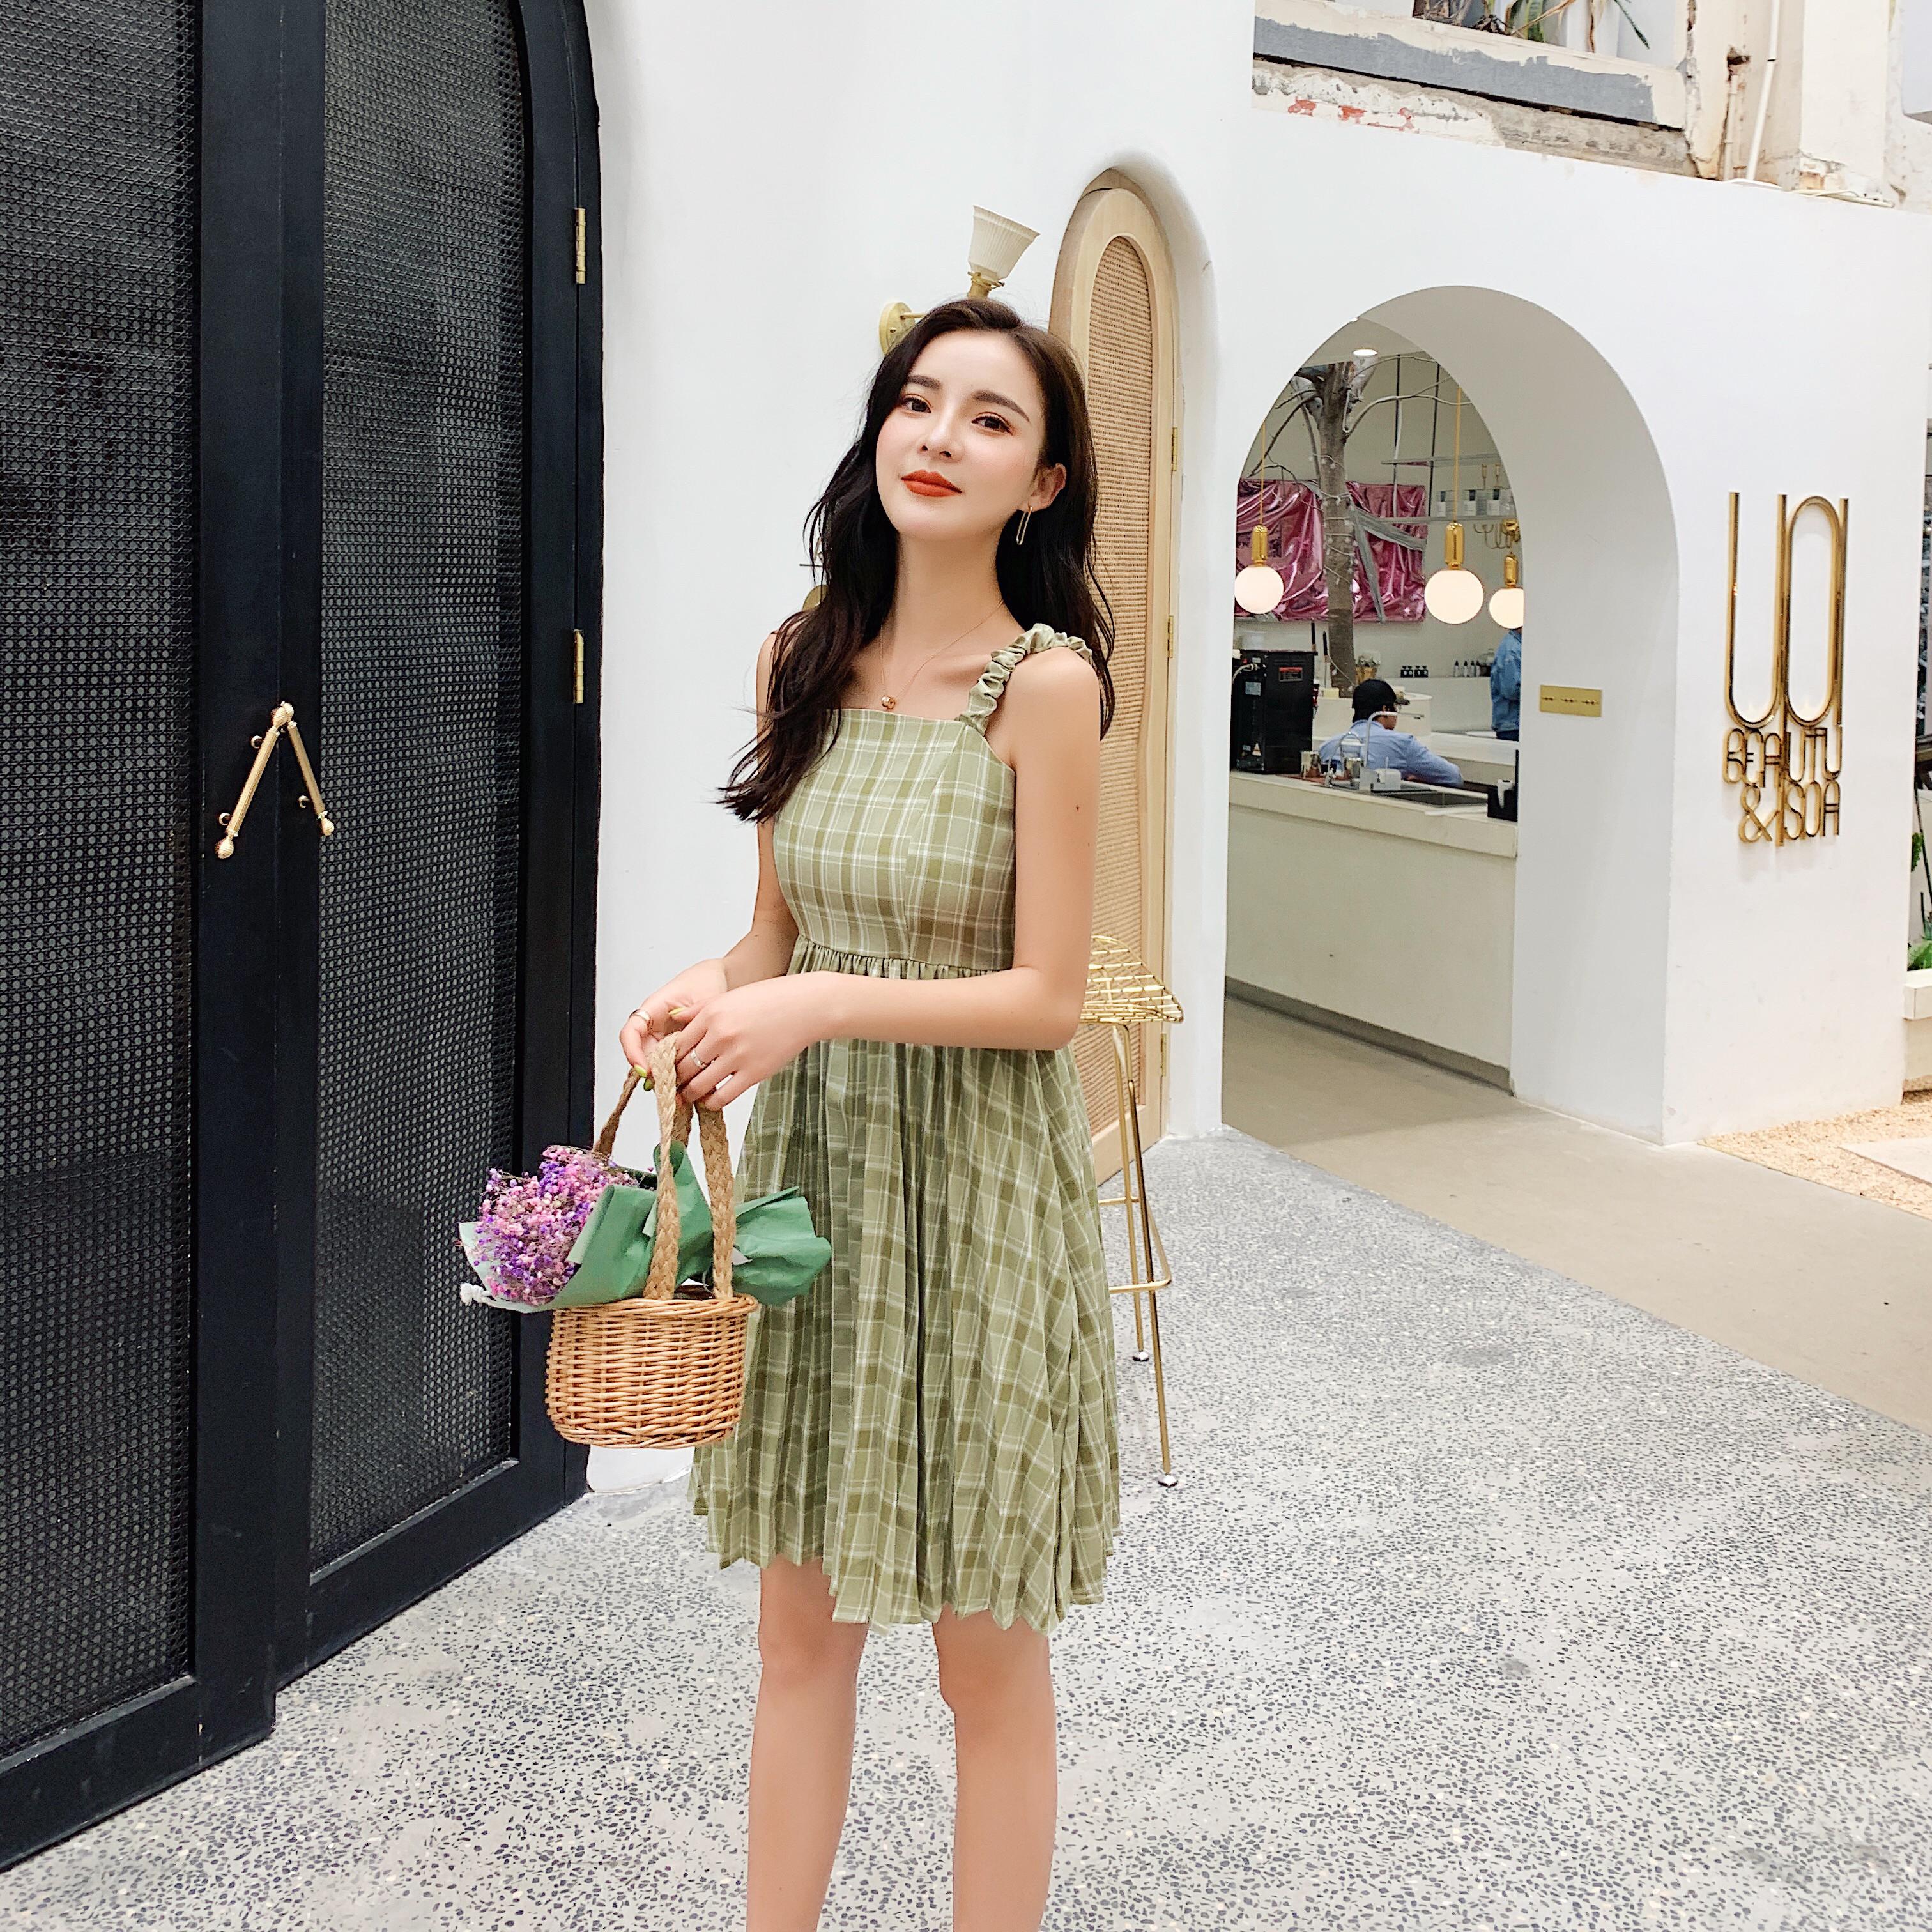 實拍2019夏季新款氣質吊帶收腰顯瘦格子百褶裙連衣裙女